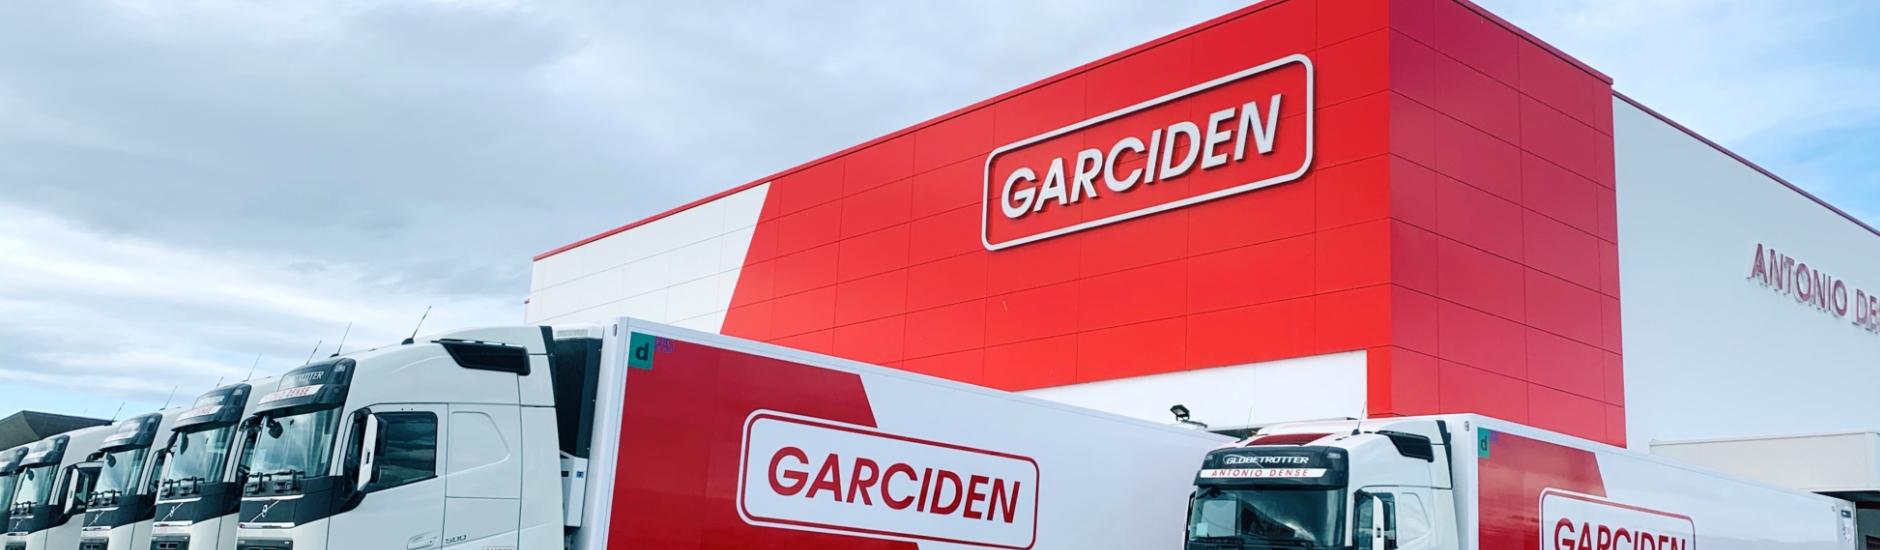 Garciden - Taller Agencia